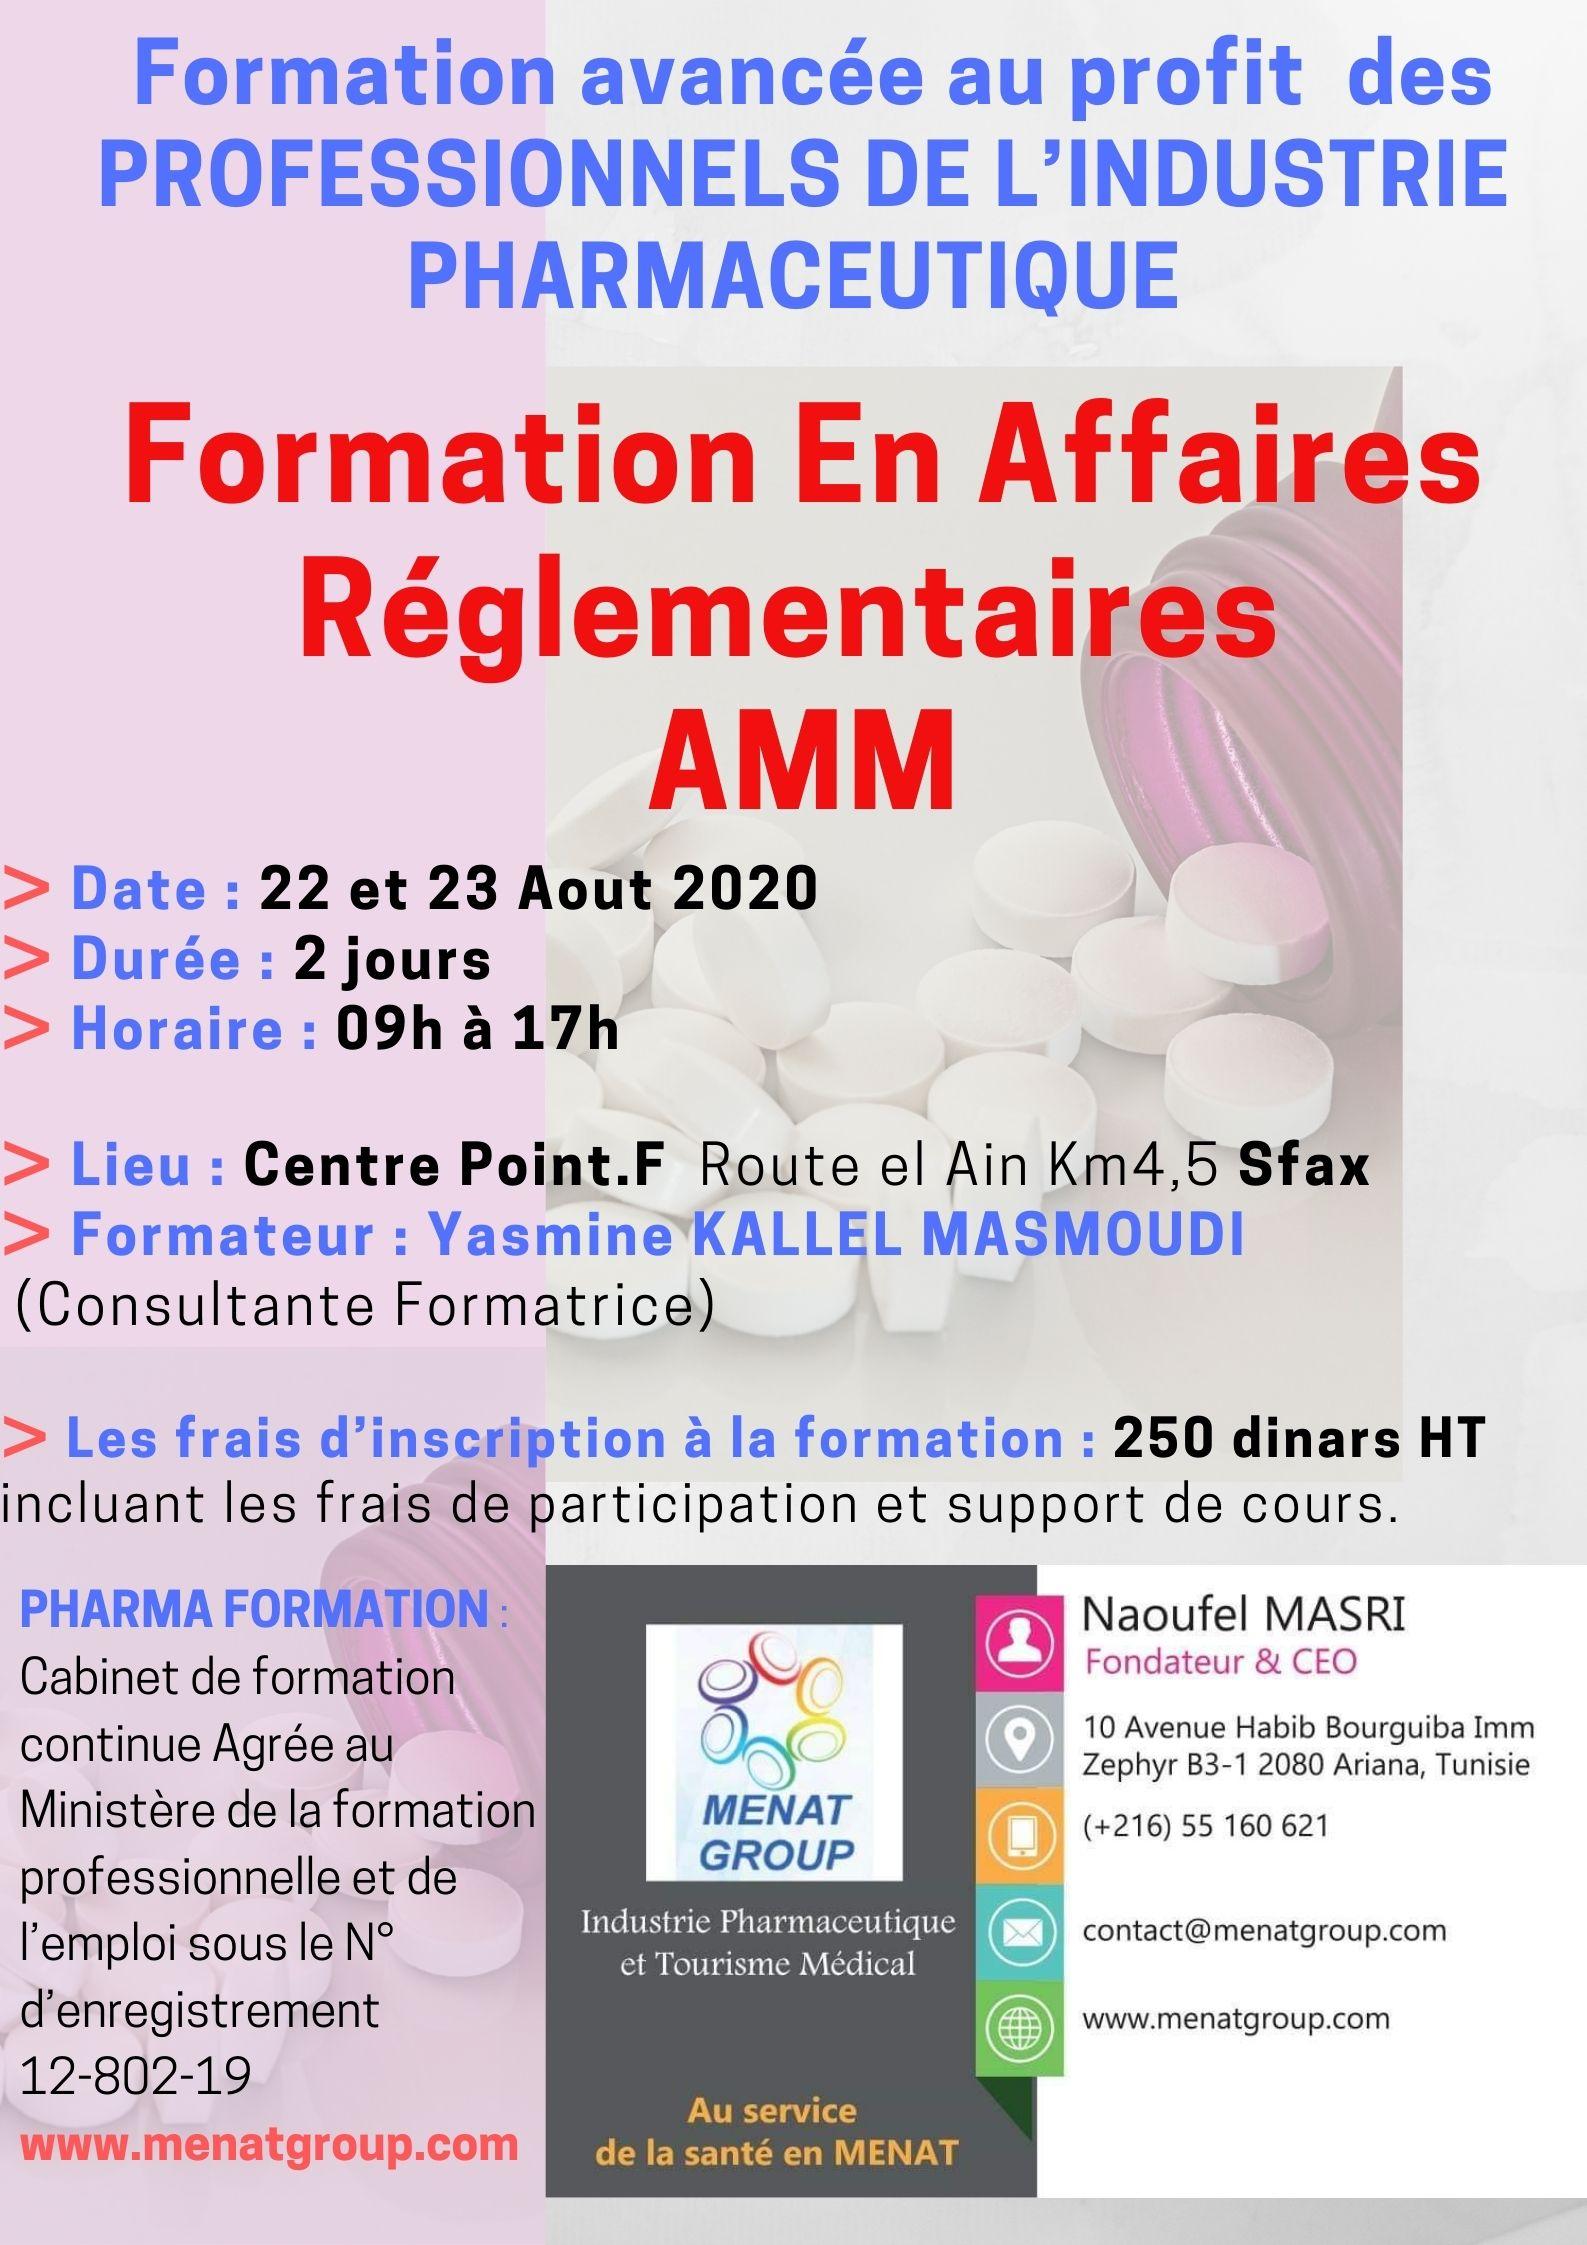 FormationEn Affaires Réglementaires AMM